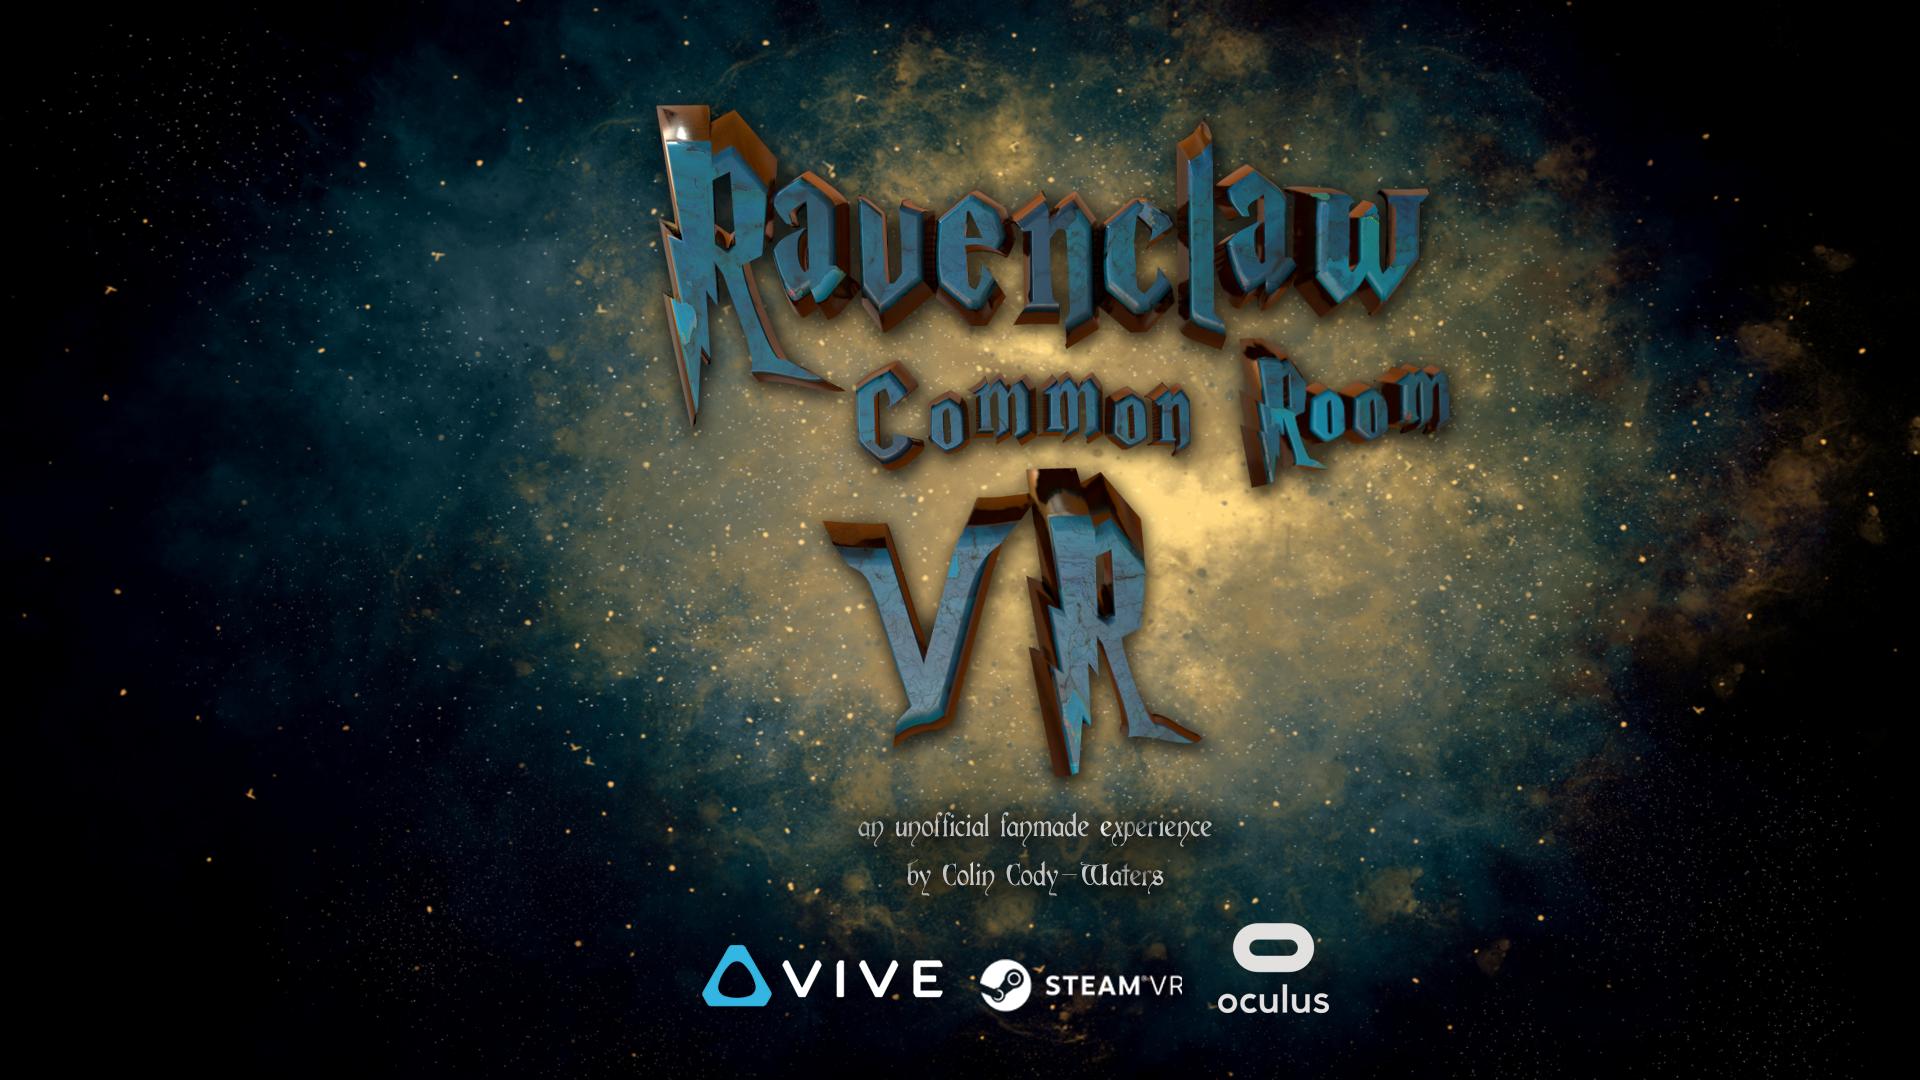 XR情报局:在VR中变身霍格沃茨魔法师